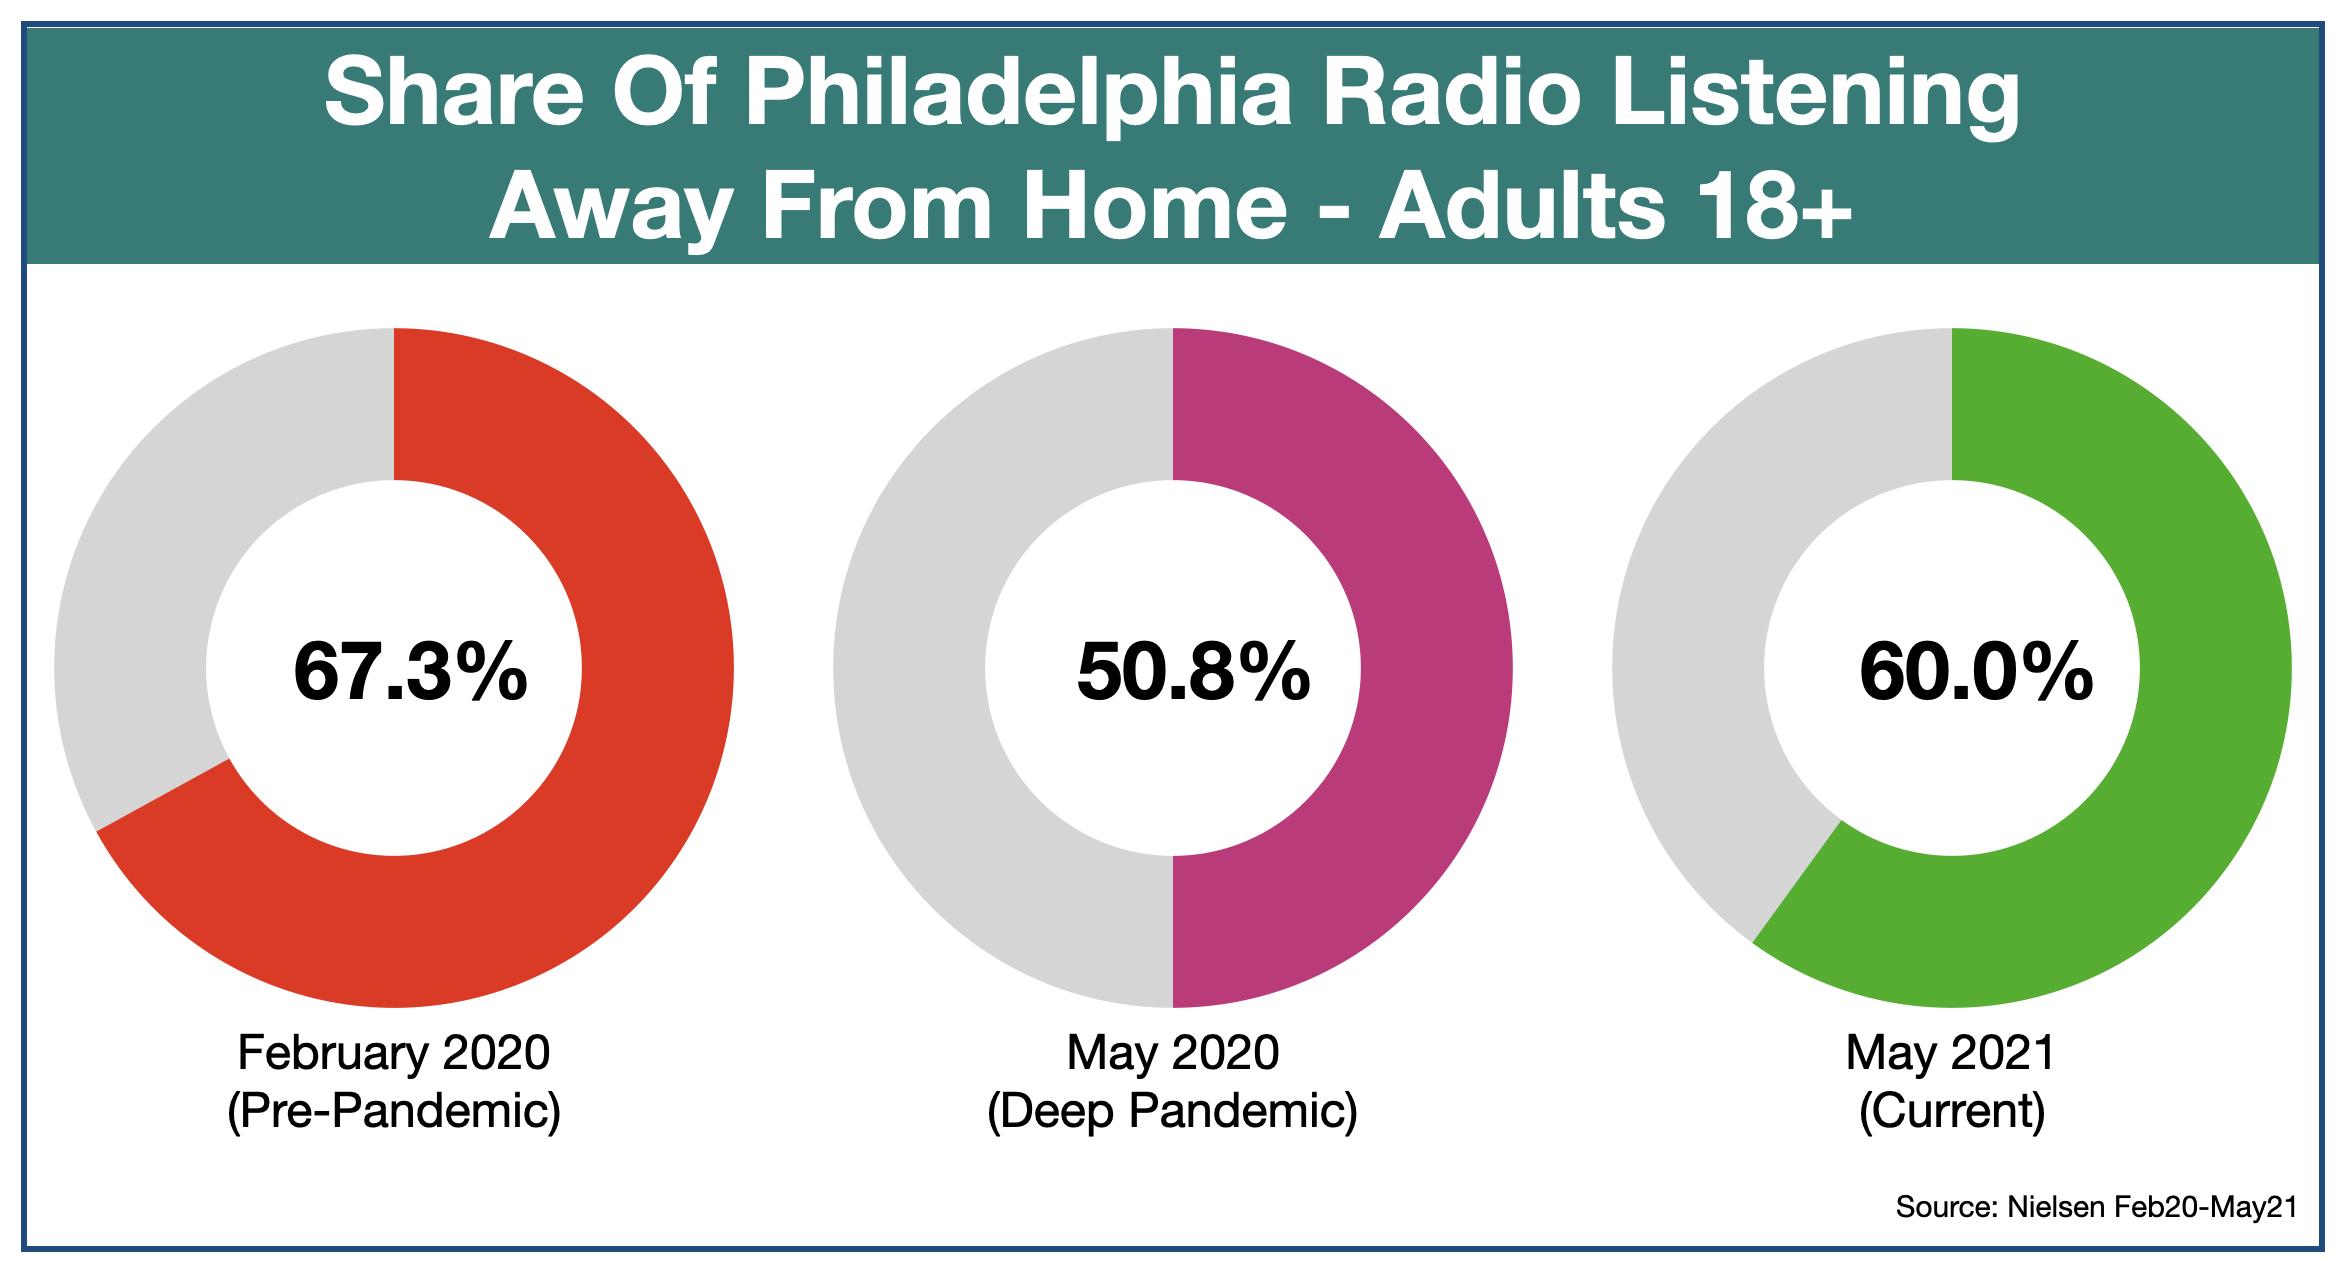 Advertise On Philadelphia Radio Listening Locations May 2021